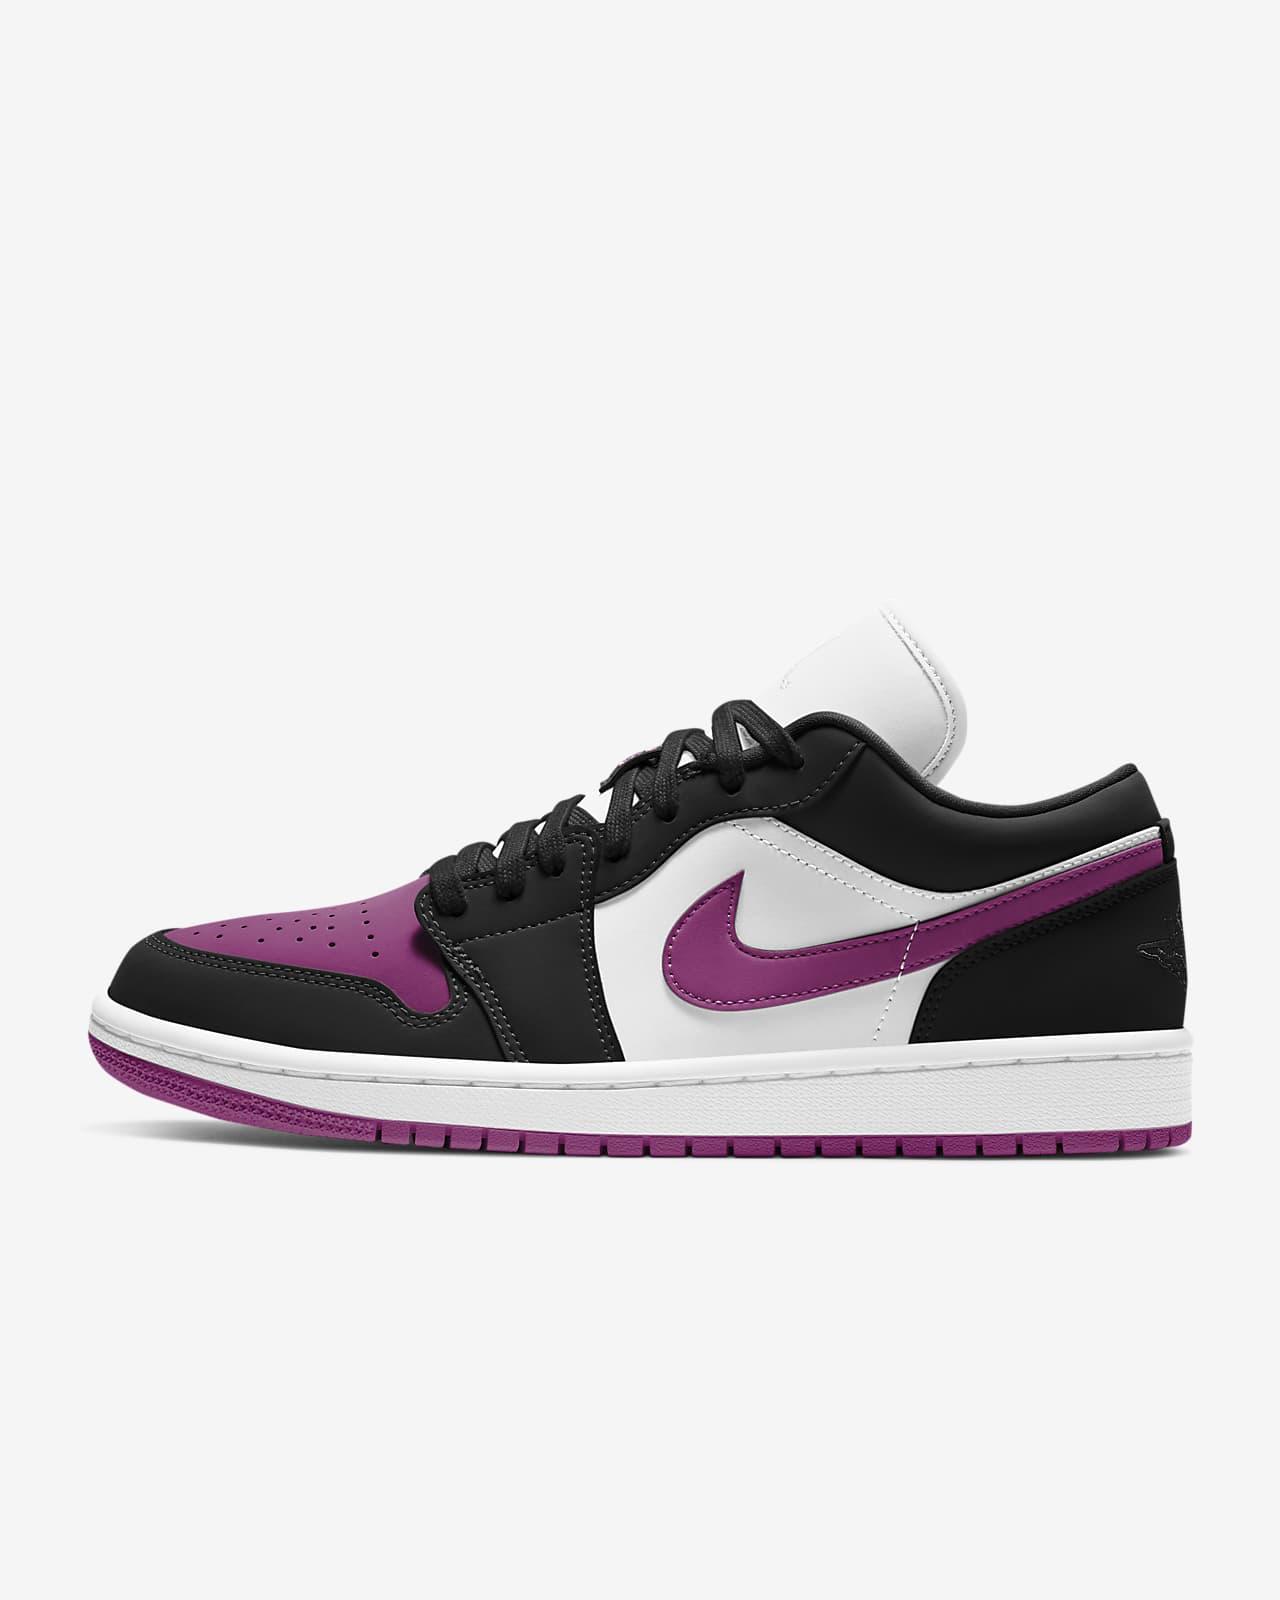 nike zapatos mujer jordan